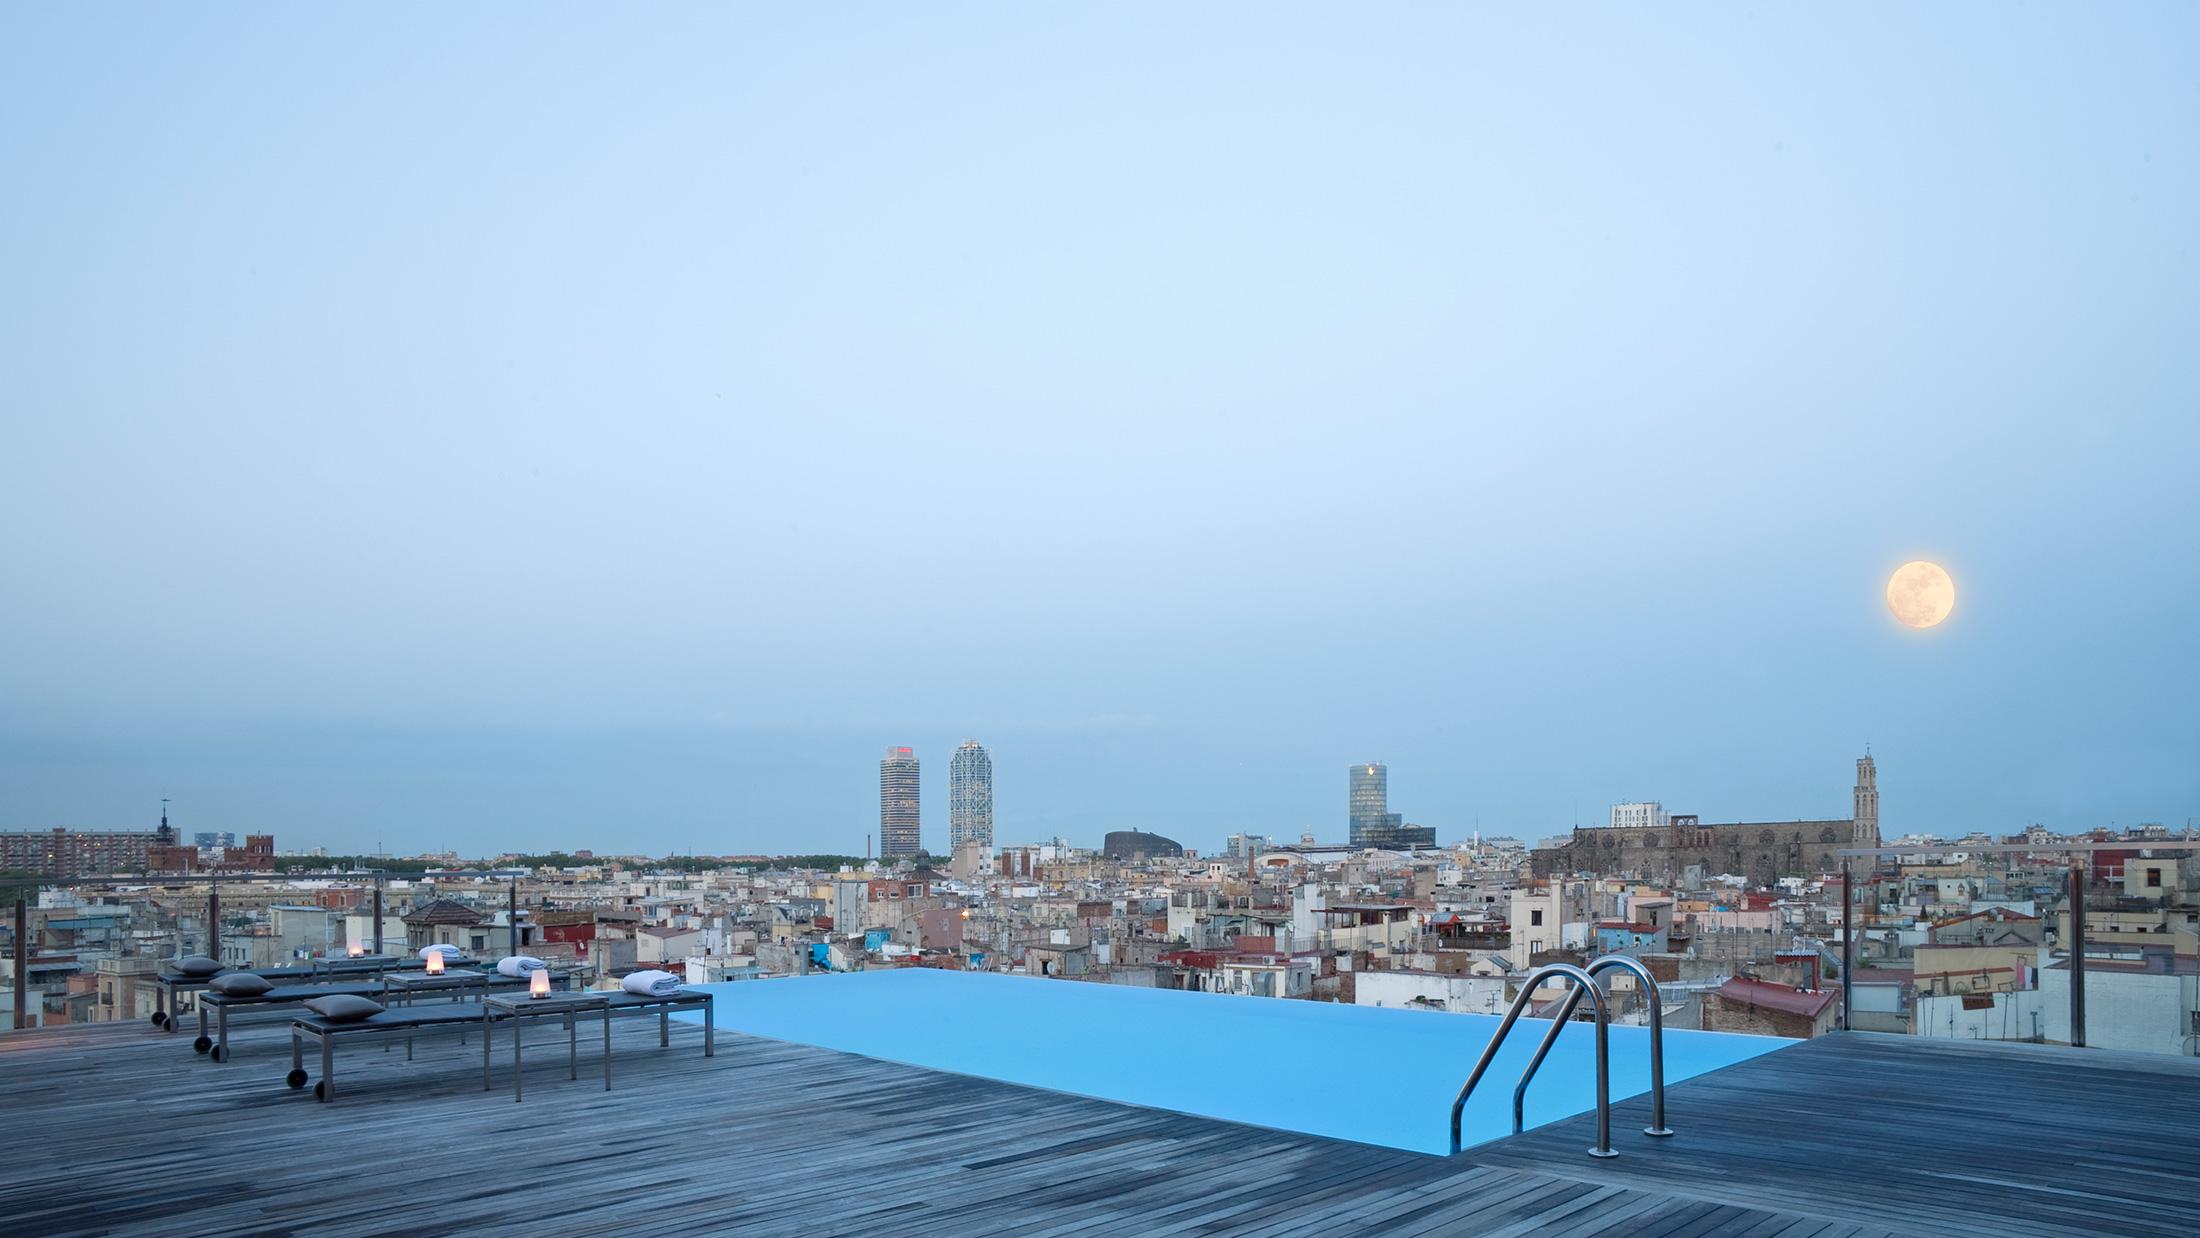 sky bar bars in barcelona. Black Bedroom Furniture Sets. Home Design Ideas